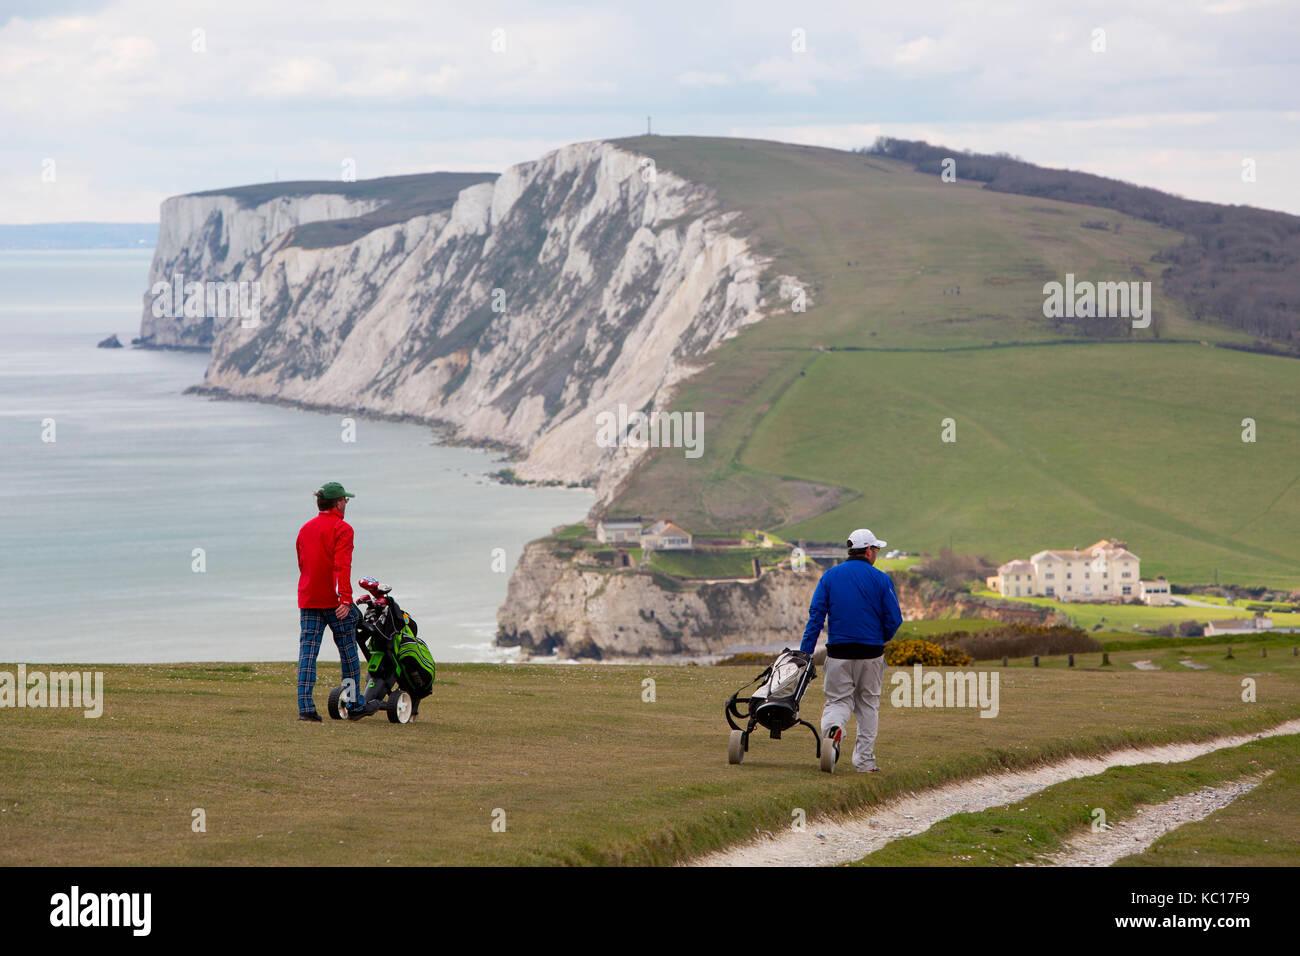 Golf, jugando, por supuesto, links, Downs, abajo, jugadores, twosome, dos dobles, club, palos, carritos, eléctrico, Imagen De Stock